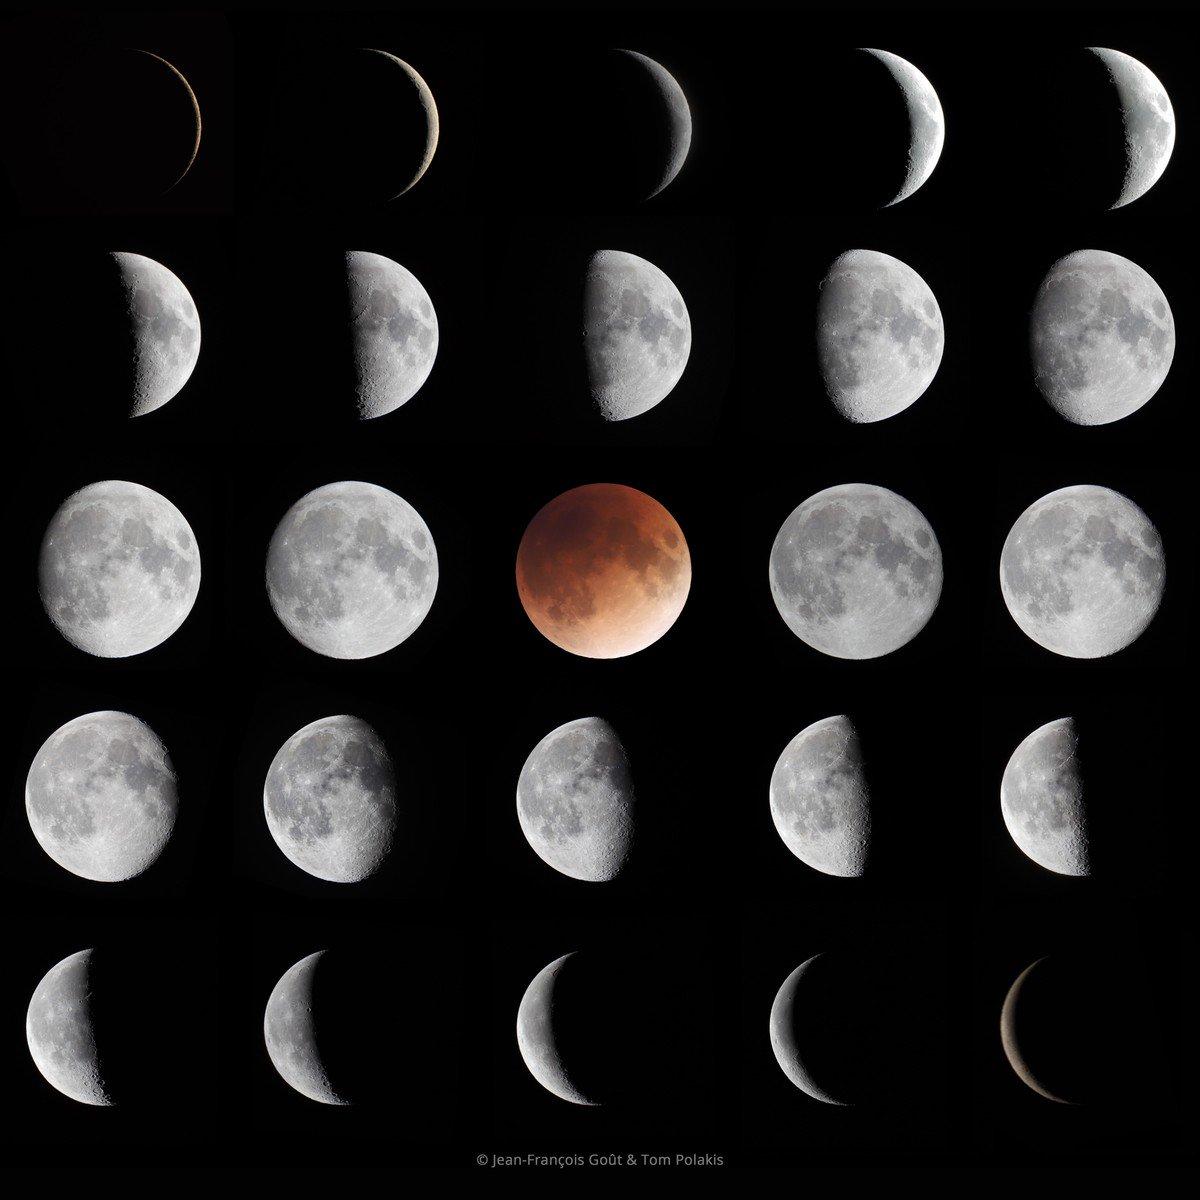 фото луны в разных фазах прокуратура района внесла